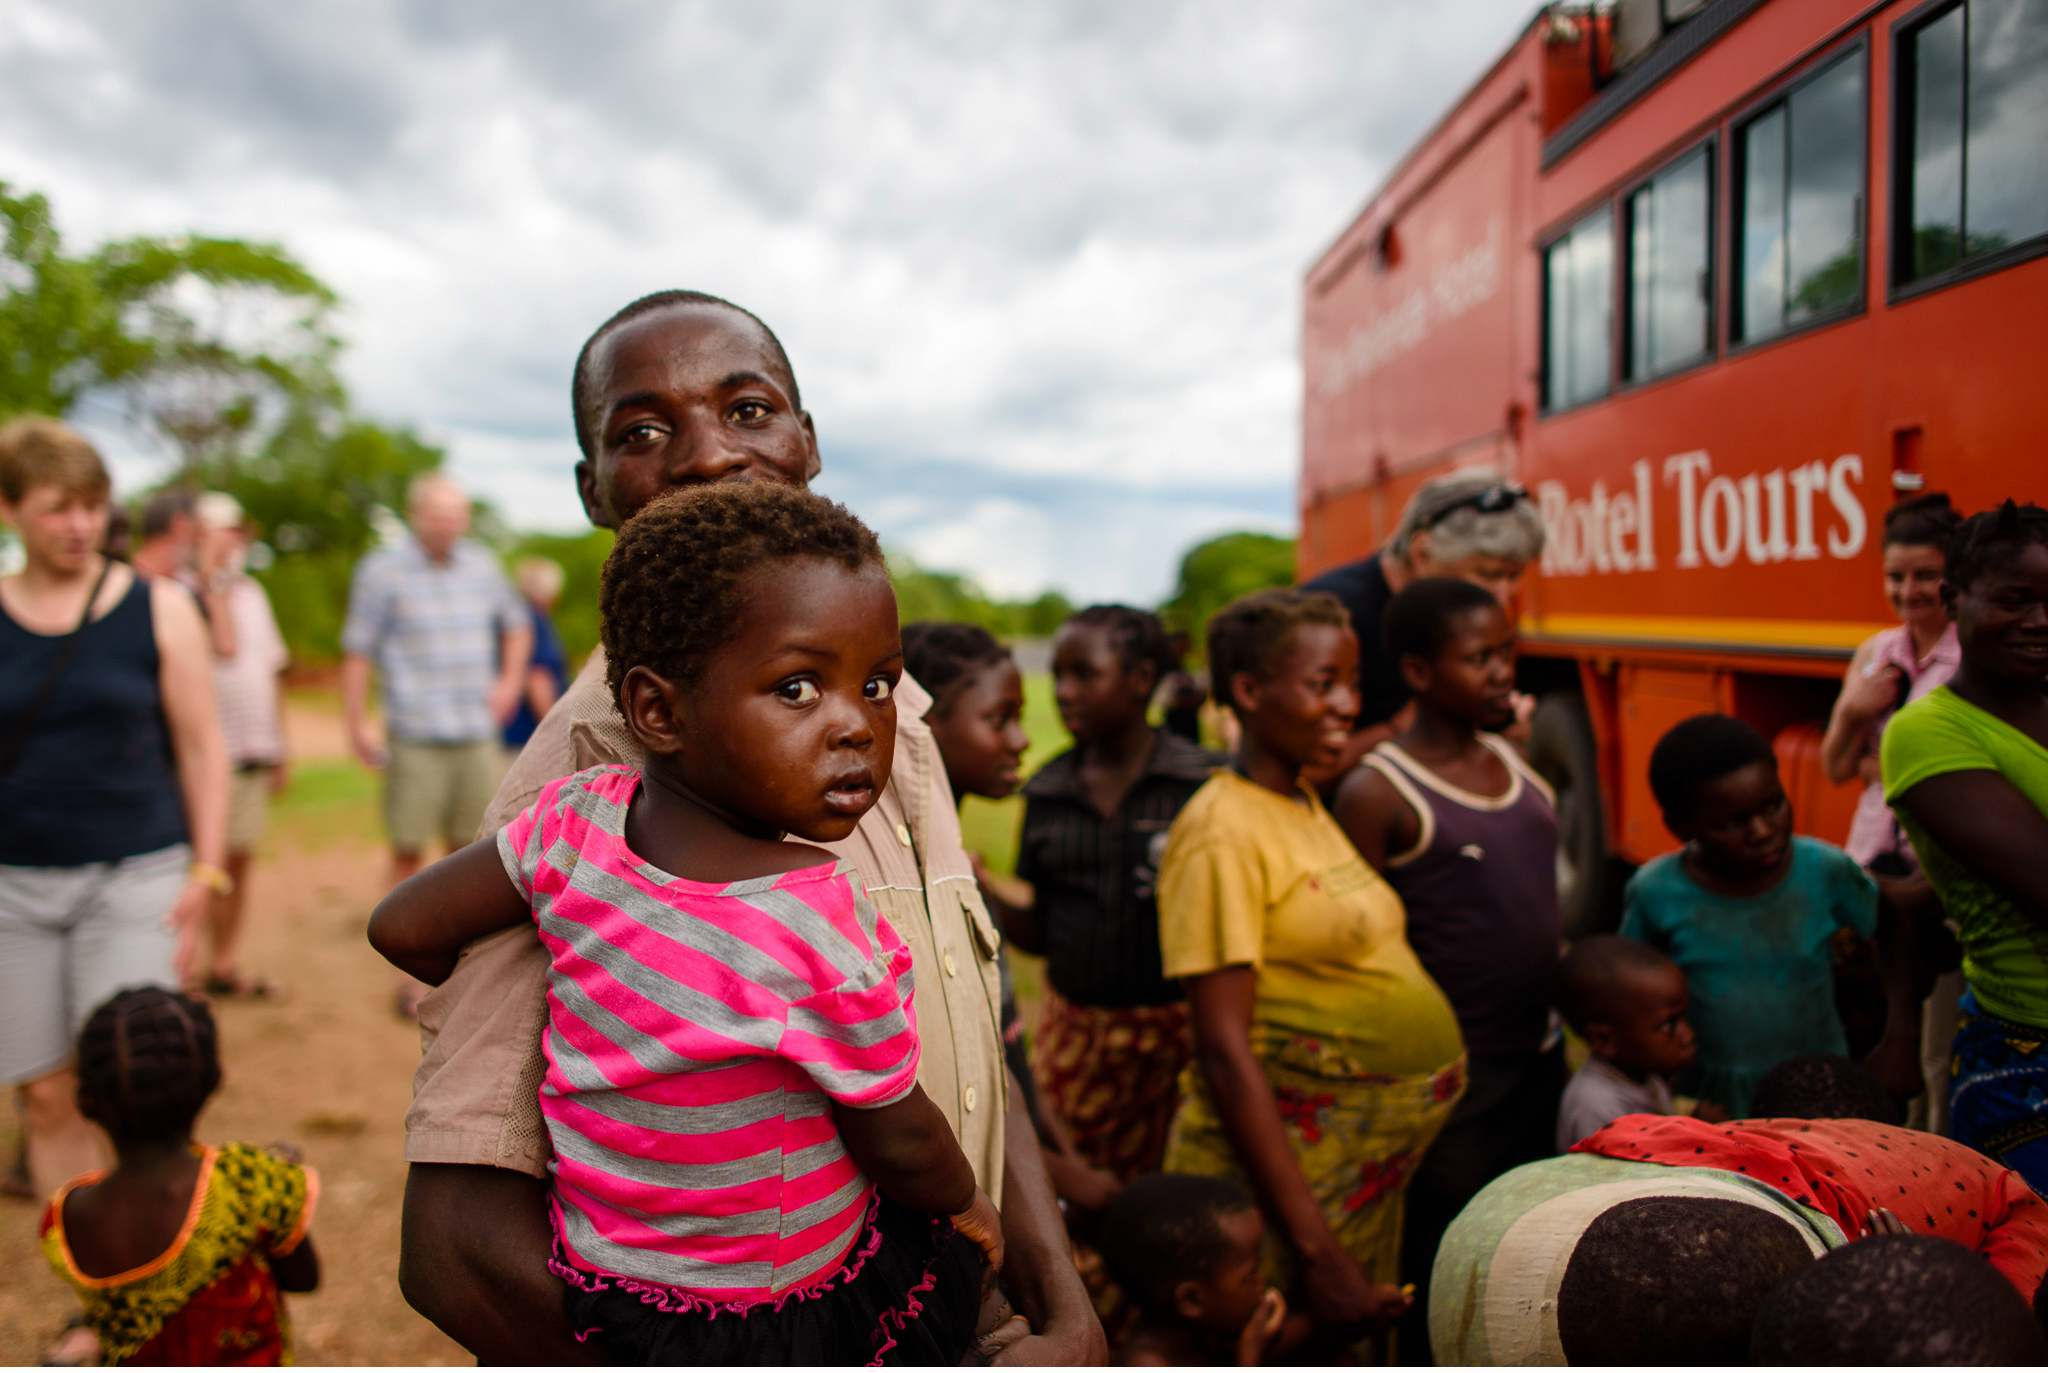 Vom South Luangwa in Zambia an den Malawi See - Marion und Daniel - Geschichten von unterwegs-25